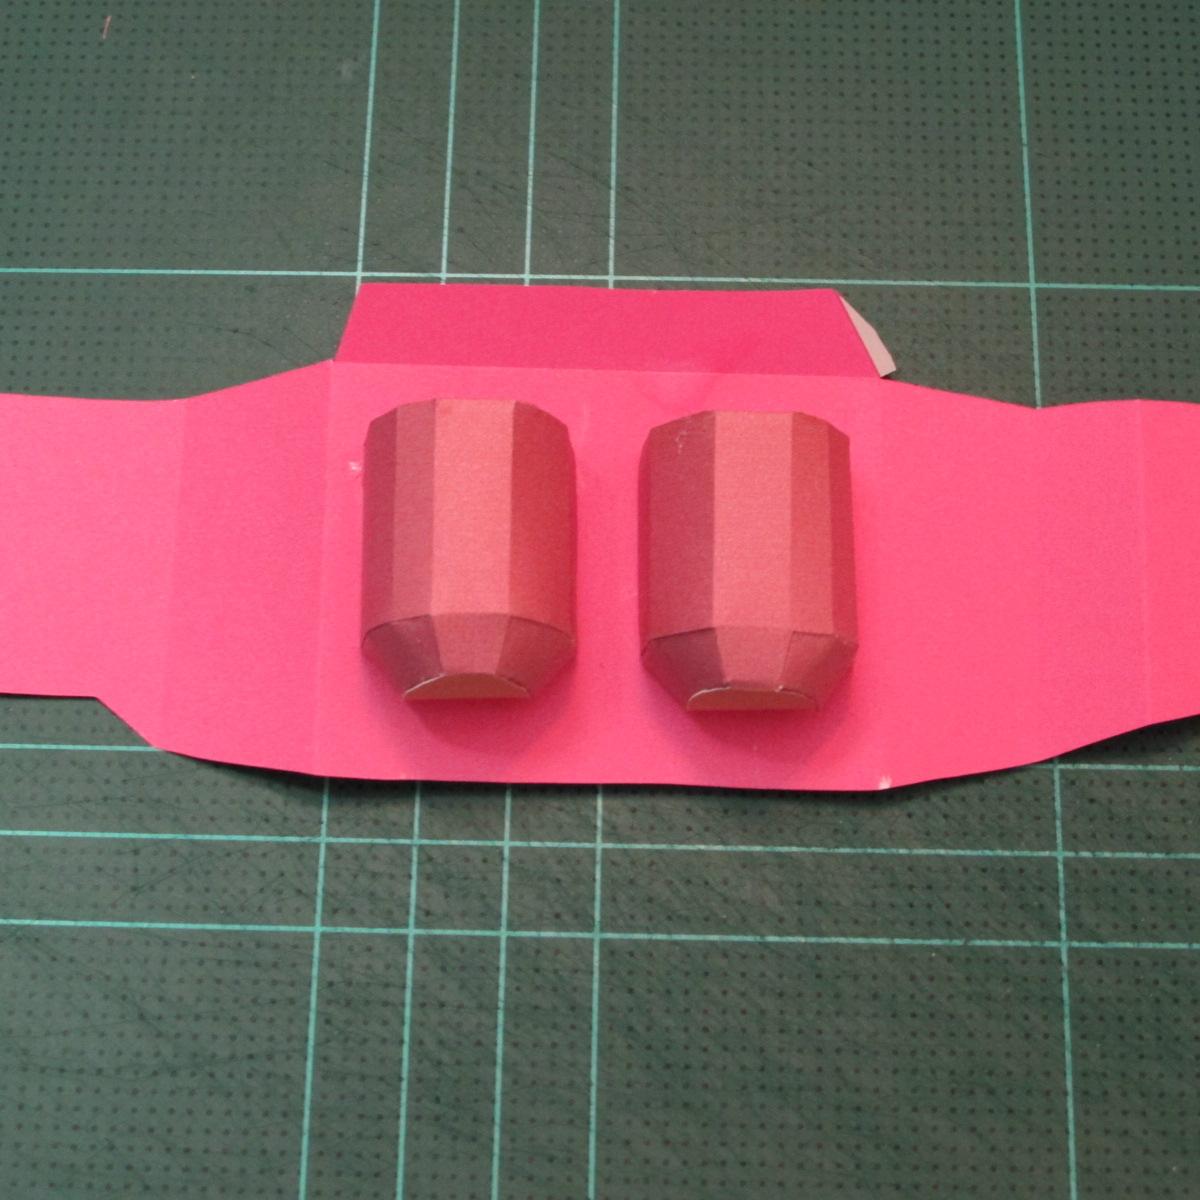 วิธีทำโมเดลกระดาษตุ้กตาคุกกี้รัน คุกกี้รสสตอเบอรี่ (LINE Cookie Run Strawberry Cookie Papercraft Model) 025